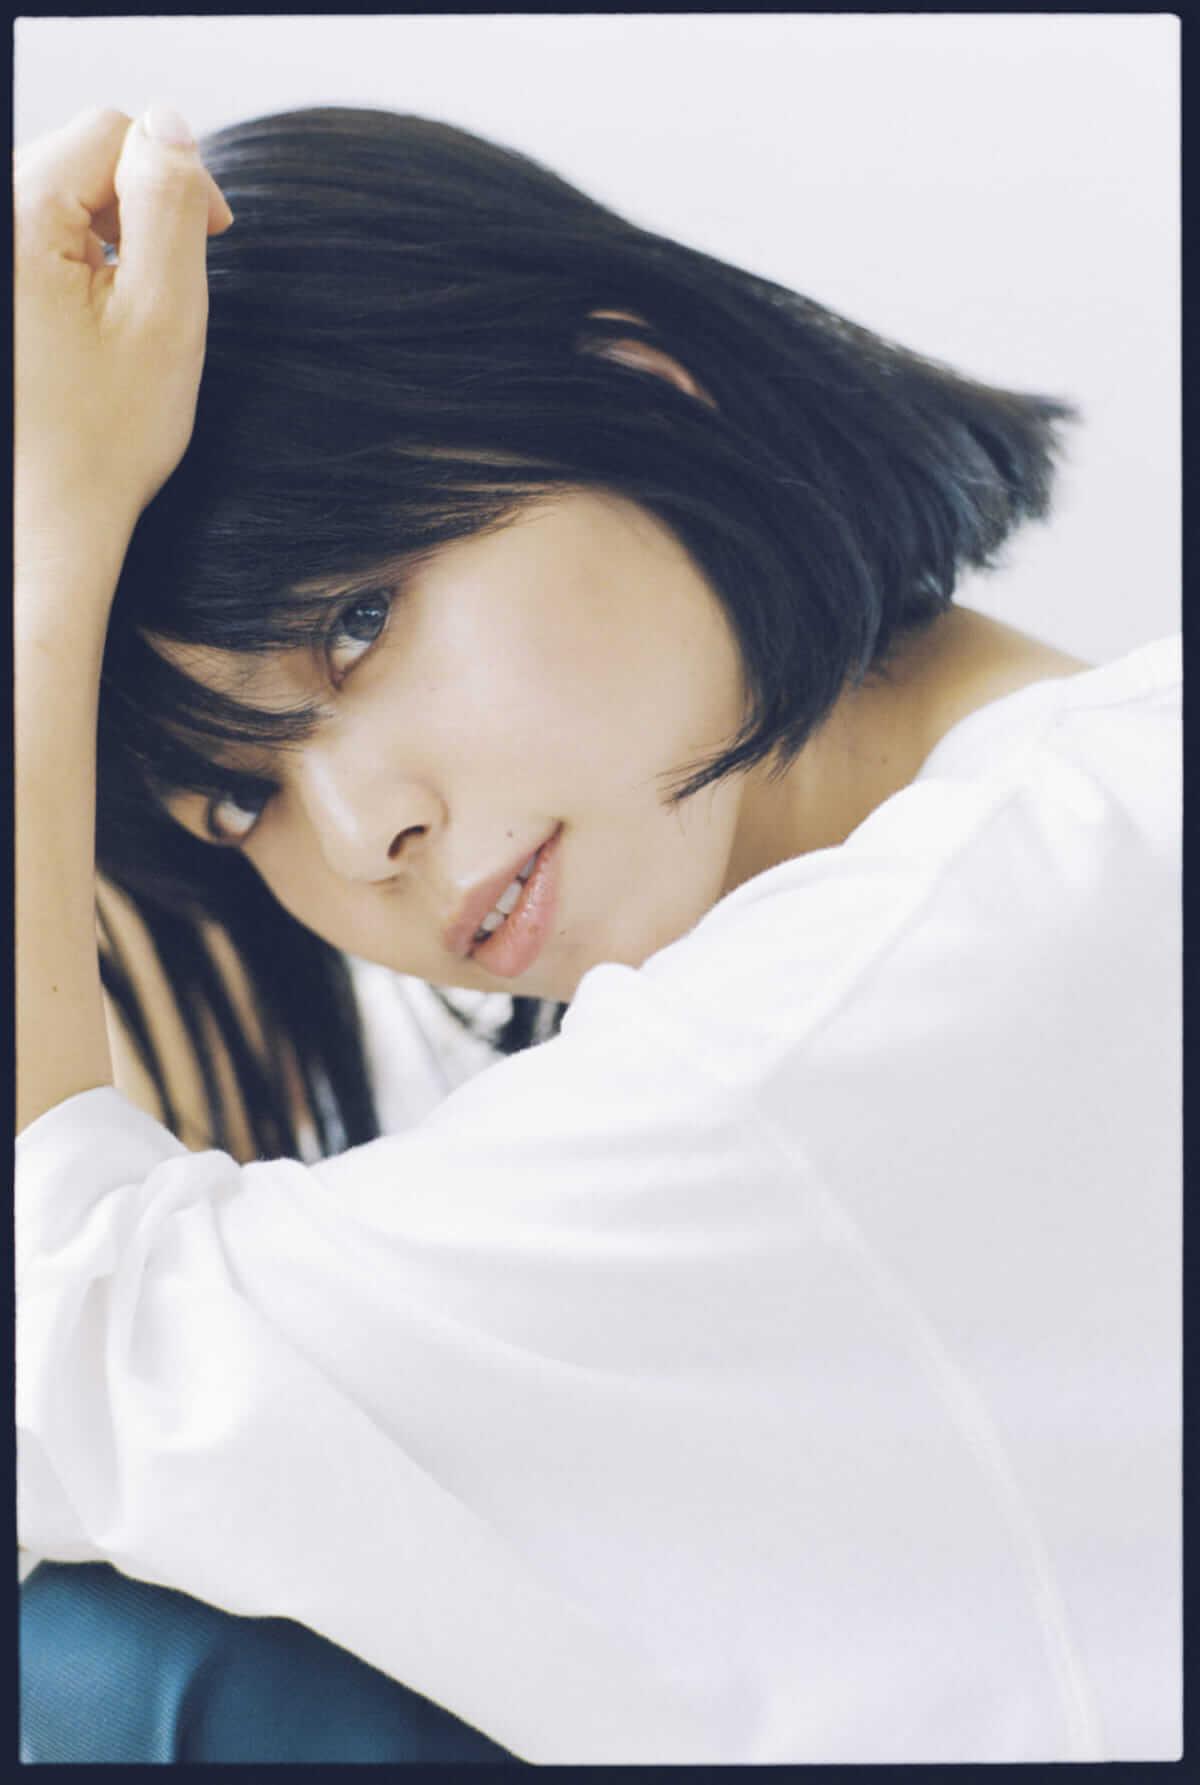 大比良瑞希の連続配信シングル&Remix企画の総まとめEPがリリース|tofubeats、STUTS、Kai Takahashi(LUCKY TAPES)が参加 music180719-ohiramizuki-8-1200x1785